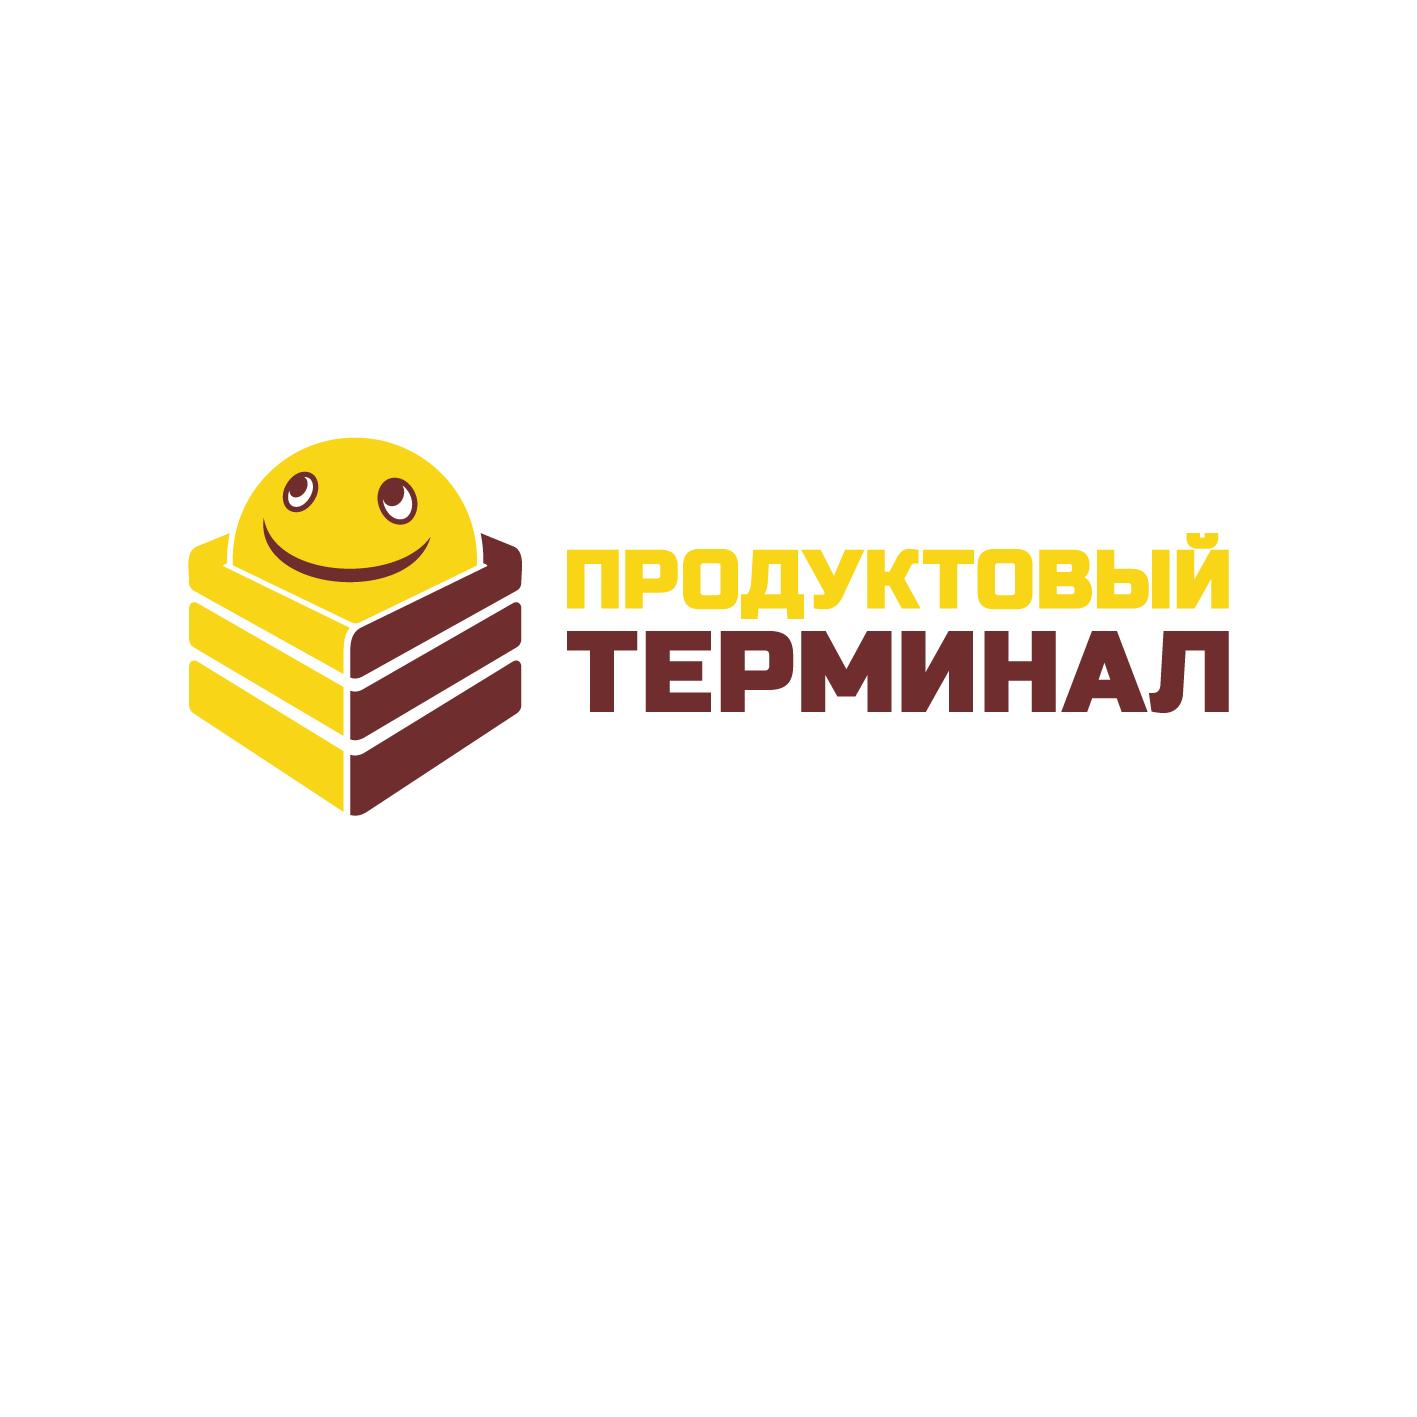 Логотип для сети продуктовых магазинов фото f_08156fd1ddb5302e.png